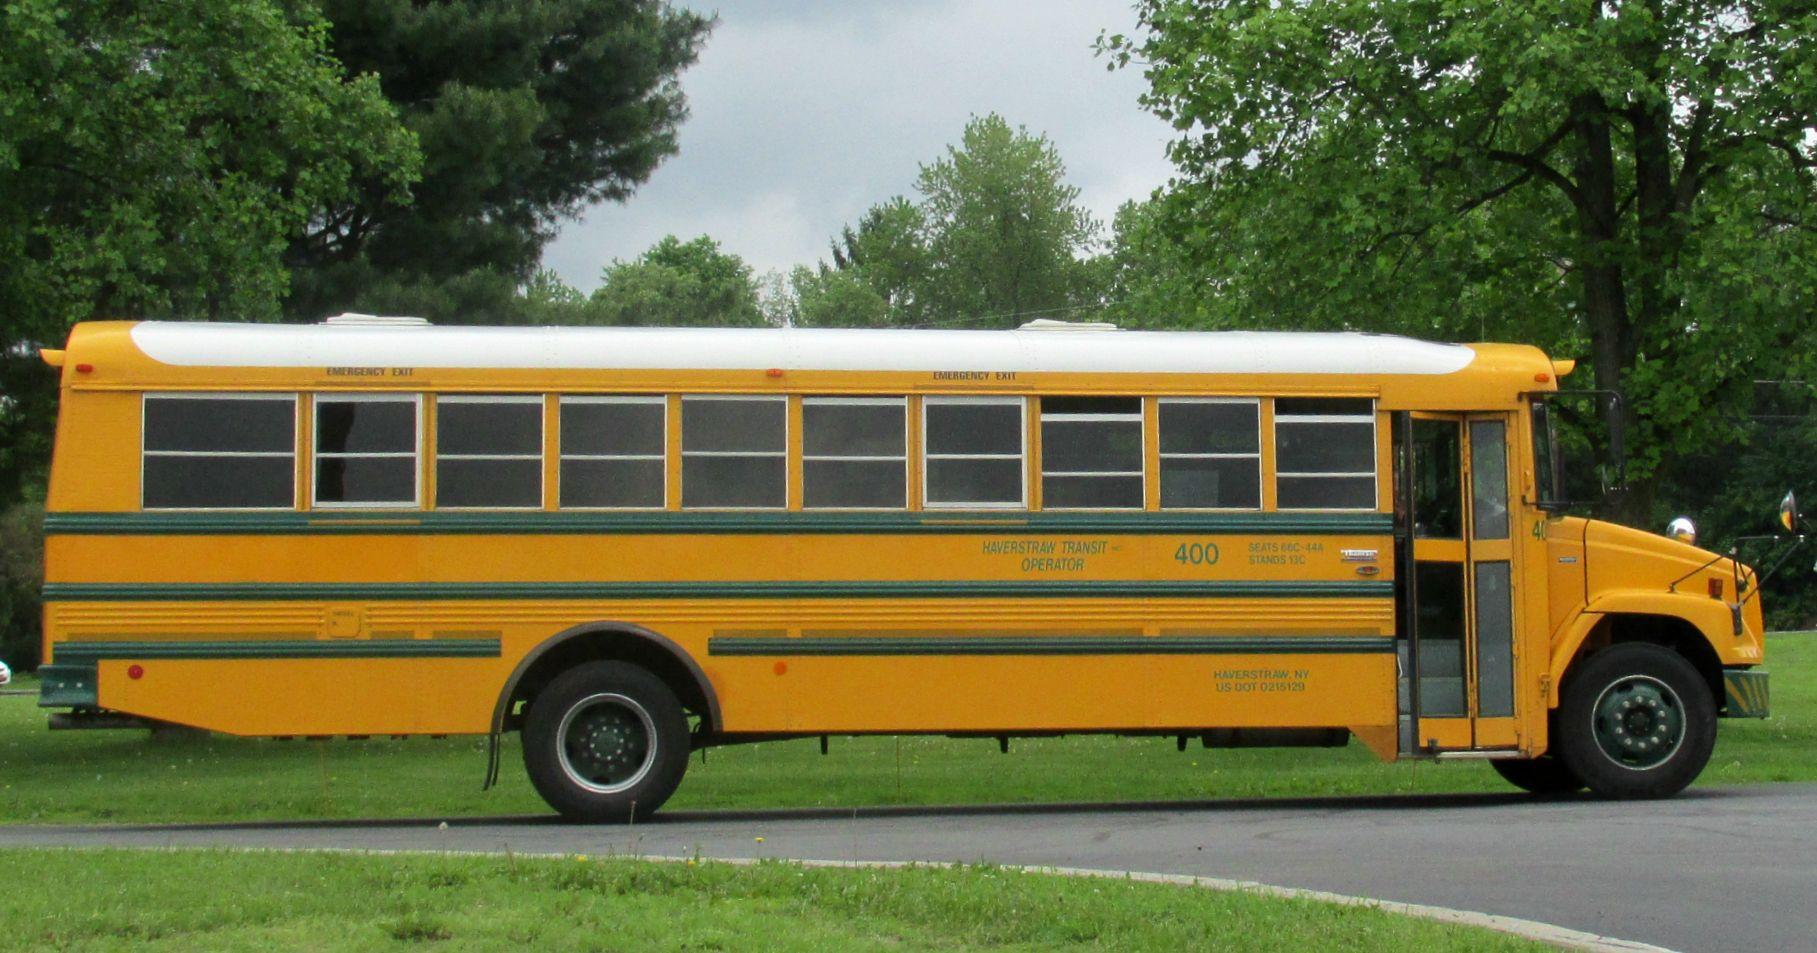 Haverstraw transit 400 school bus haverstraw bus